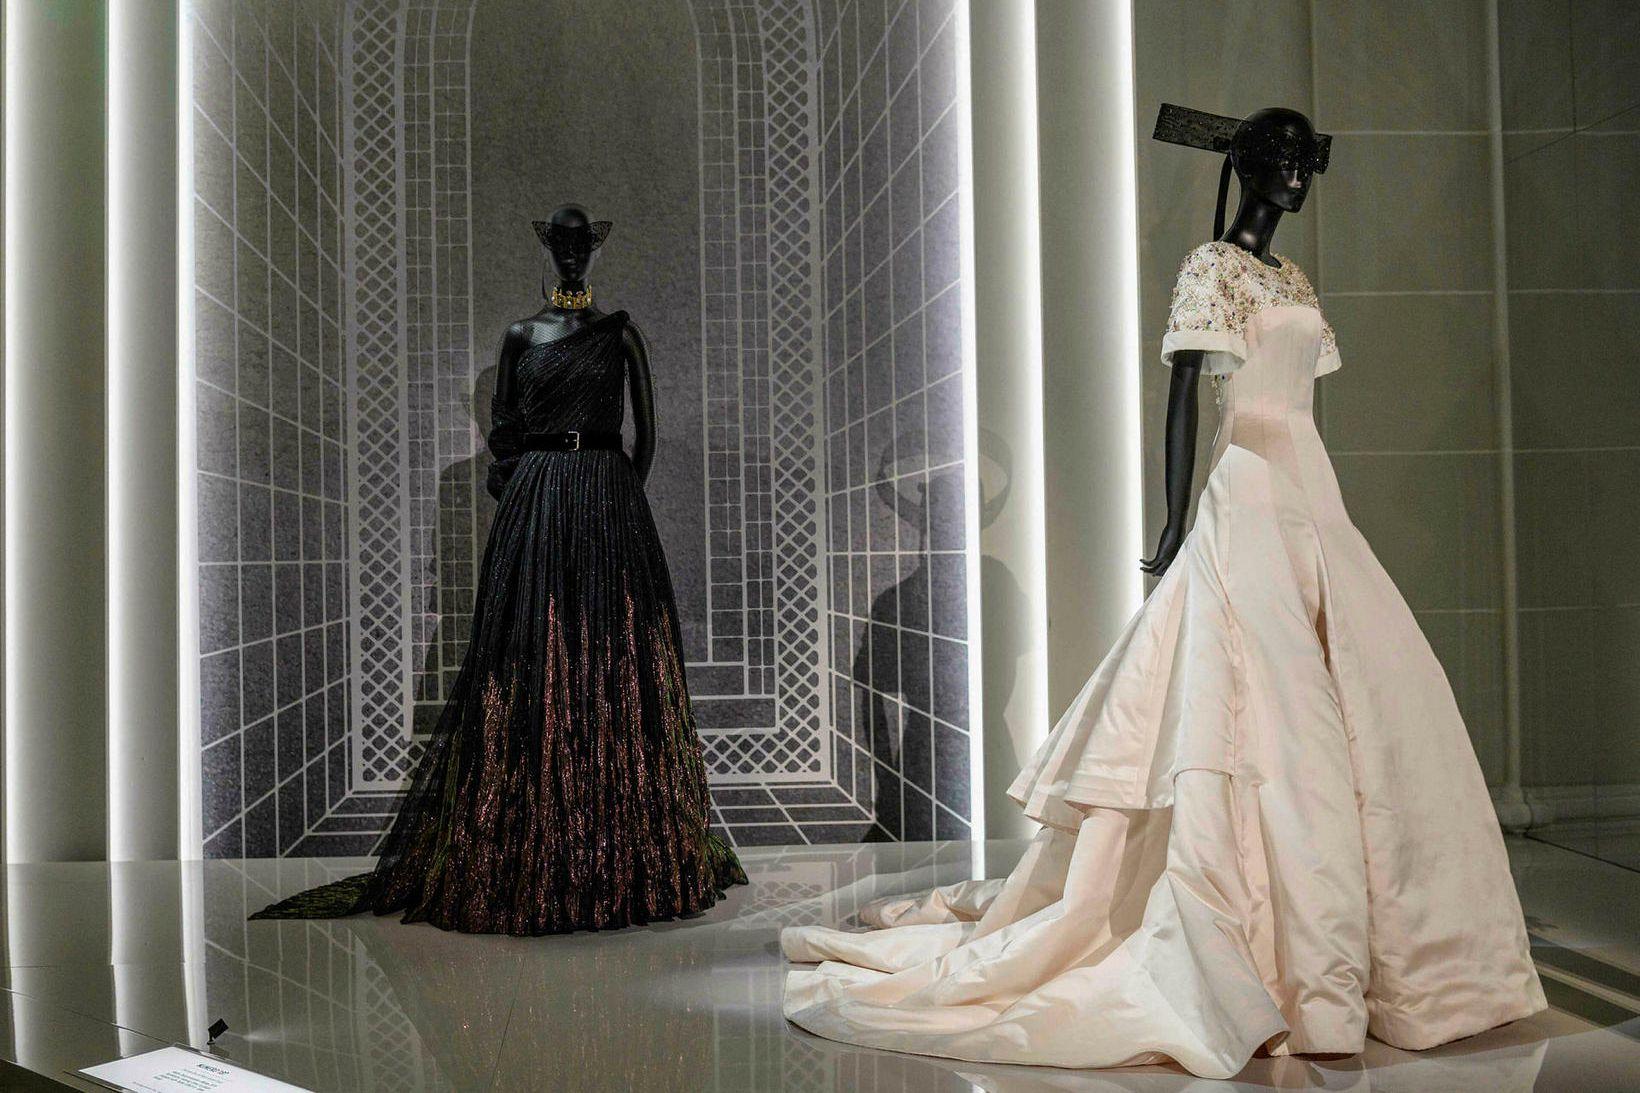 Yfir 300 hátískukjólar frá Dior eru til sýnis á Brooklyn …